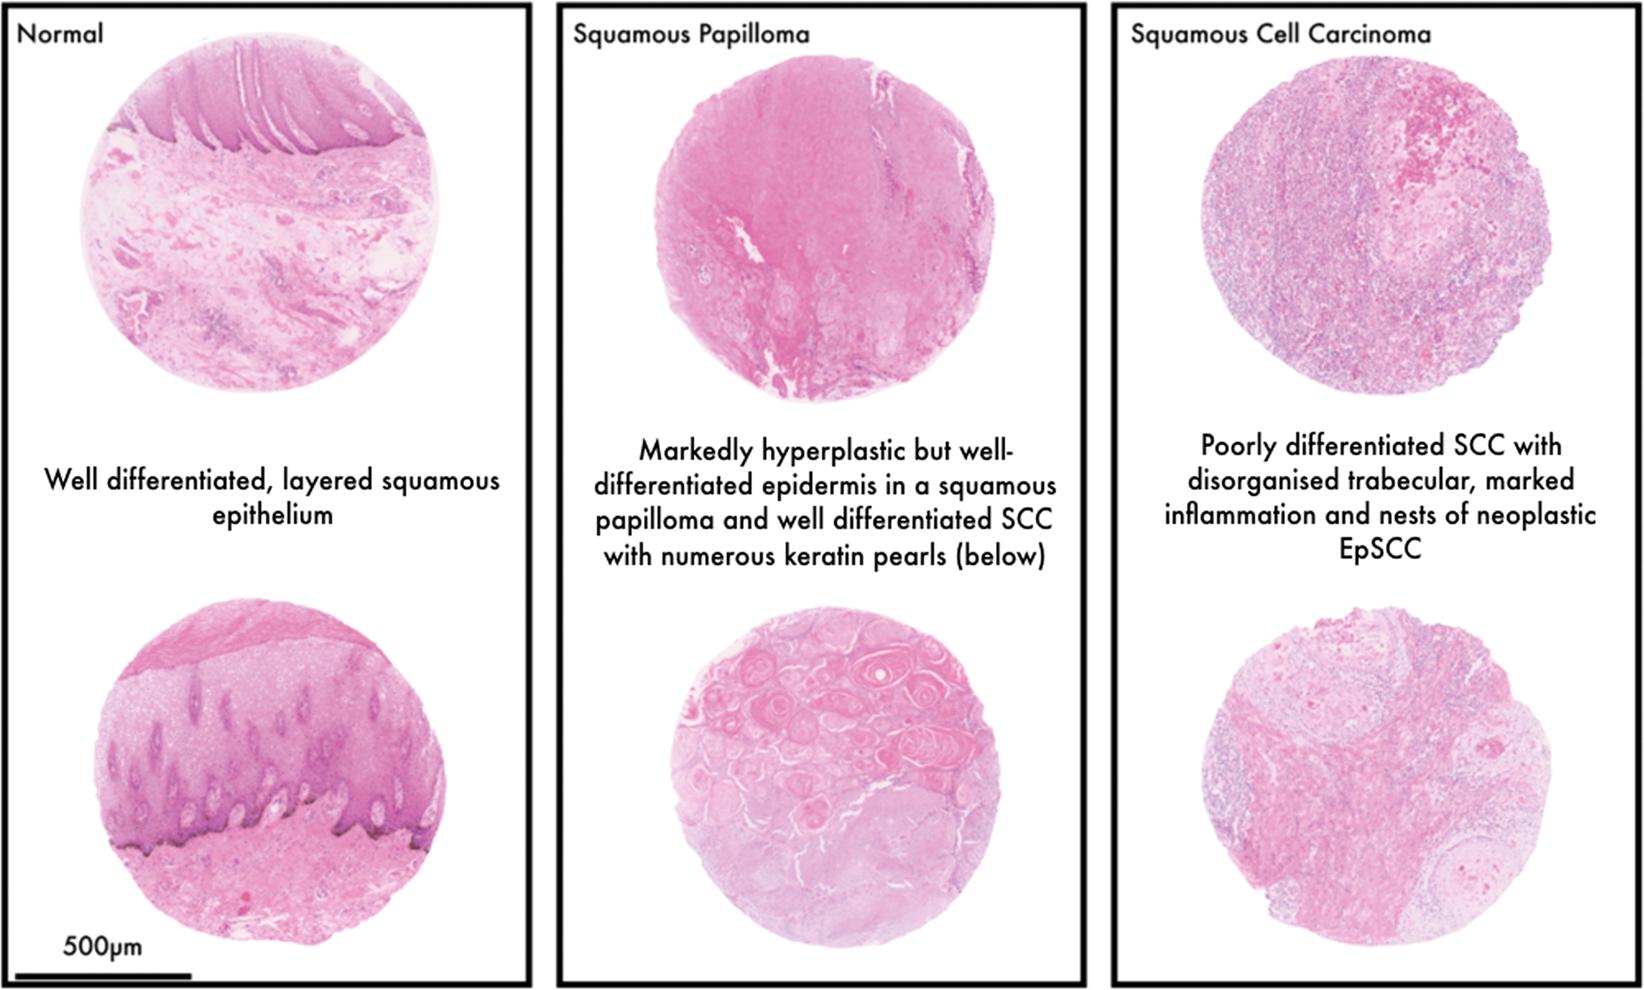 papilloma epithelial tumors)